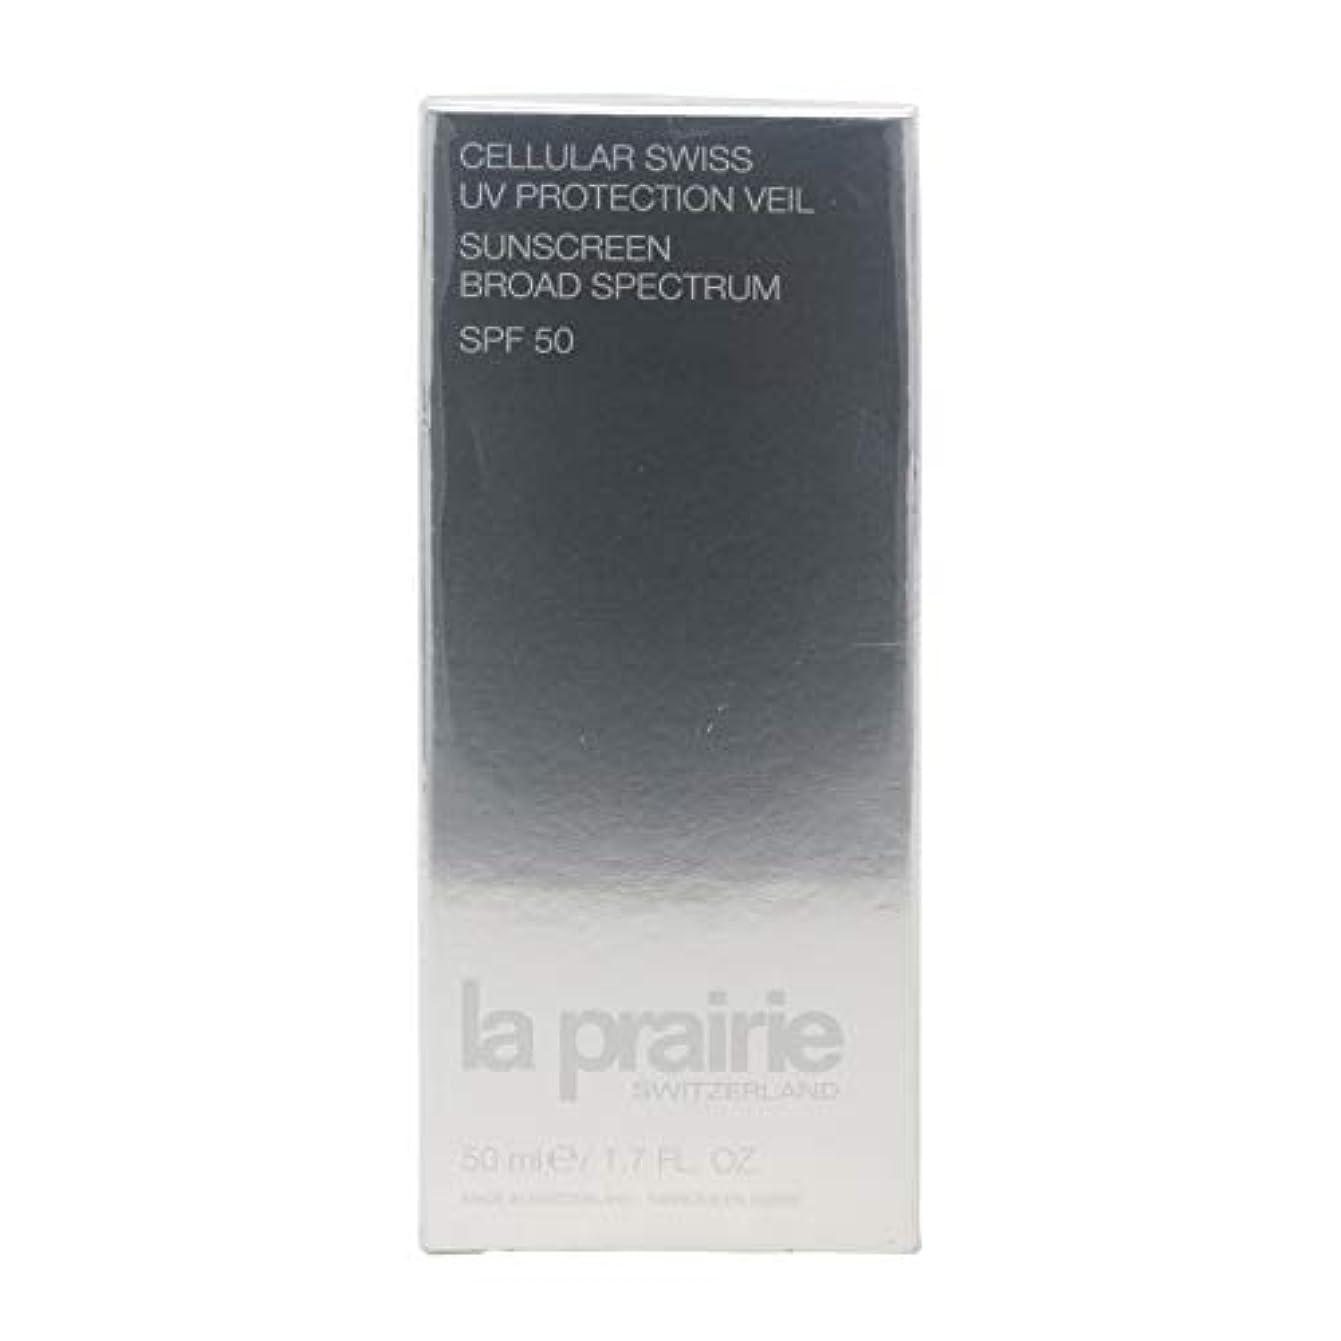 主権者足首贅沢なラプレリー Cellular Swiss UV Protection Veil SPF50 50ml/1.7oz並行輸入品